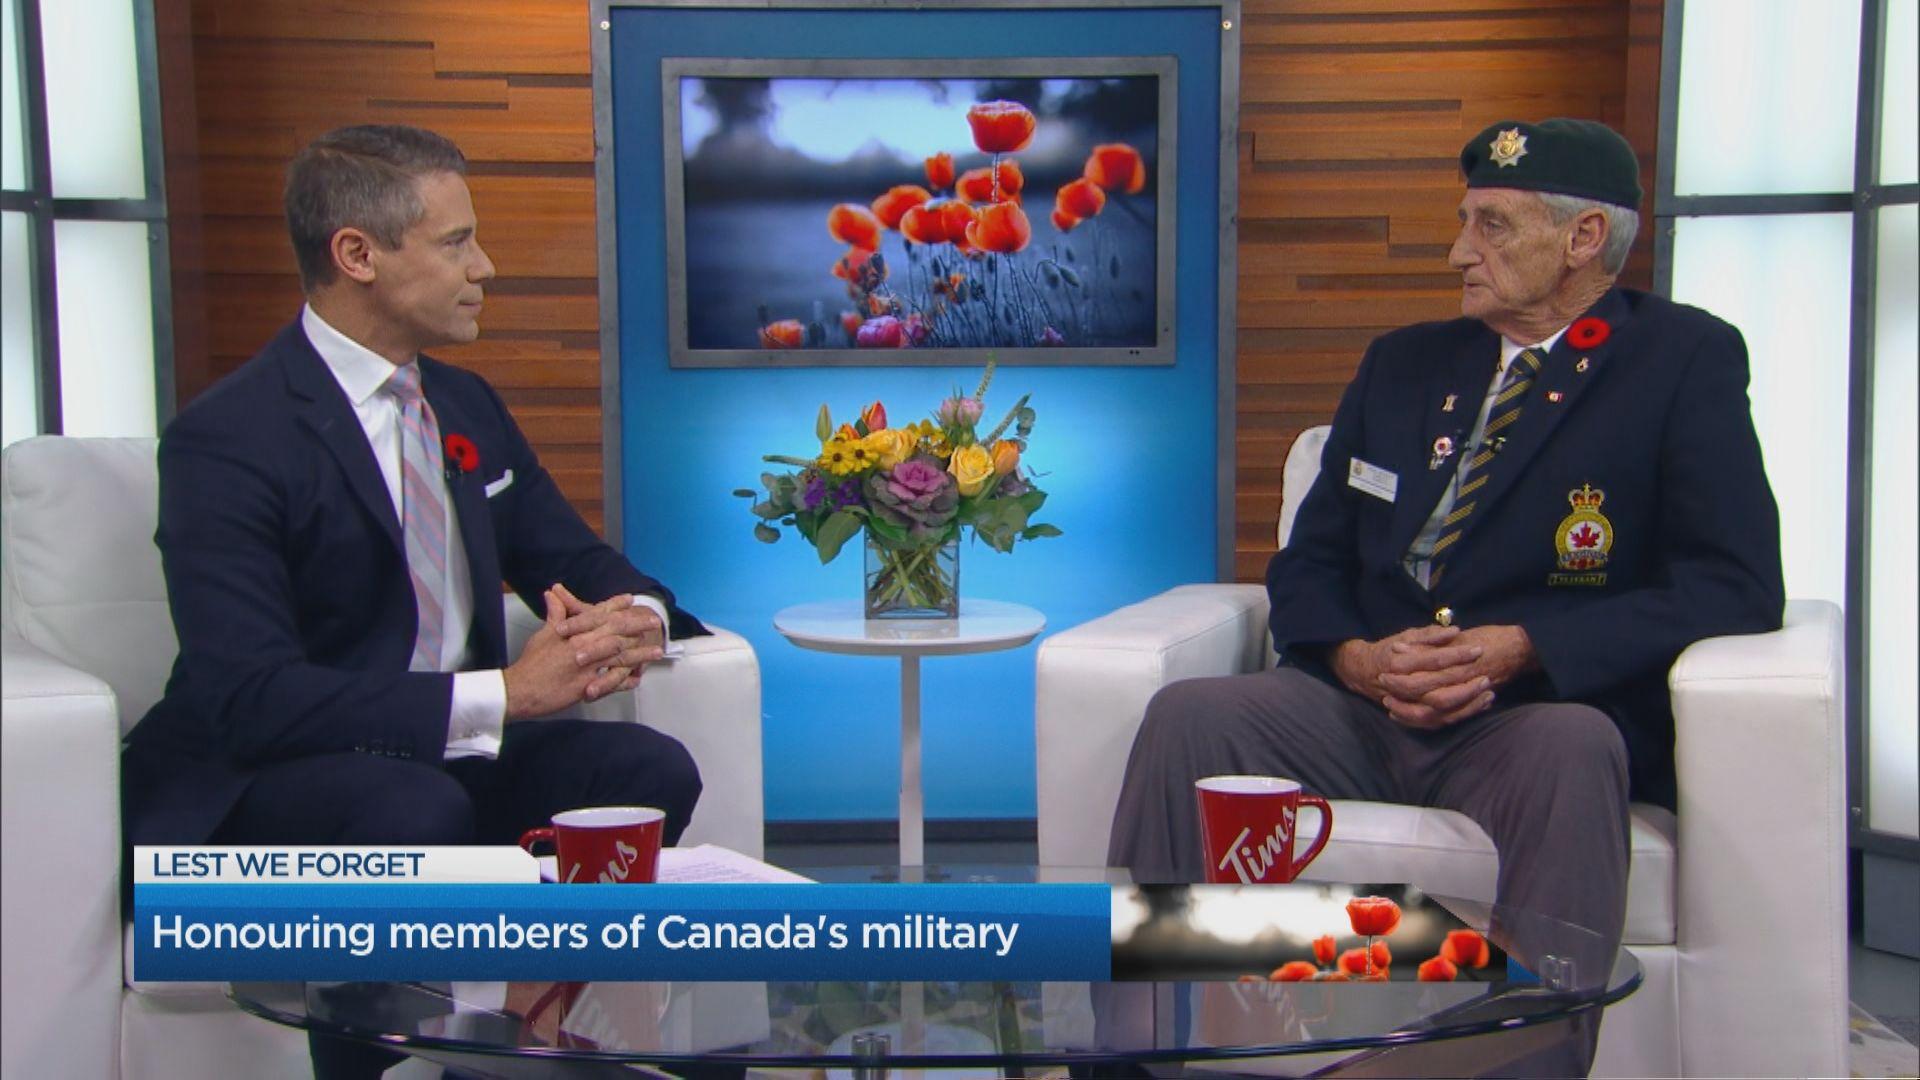 Honouring members of Canada's military